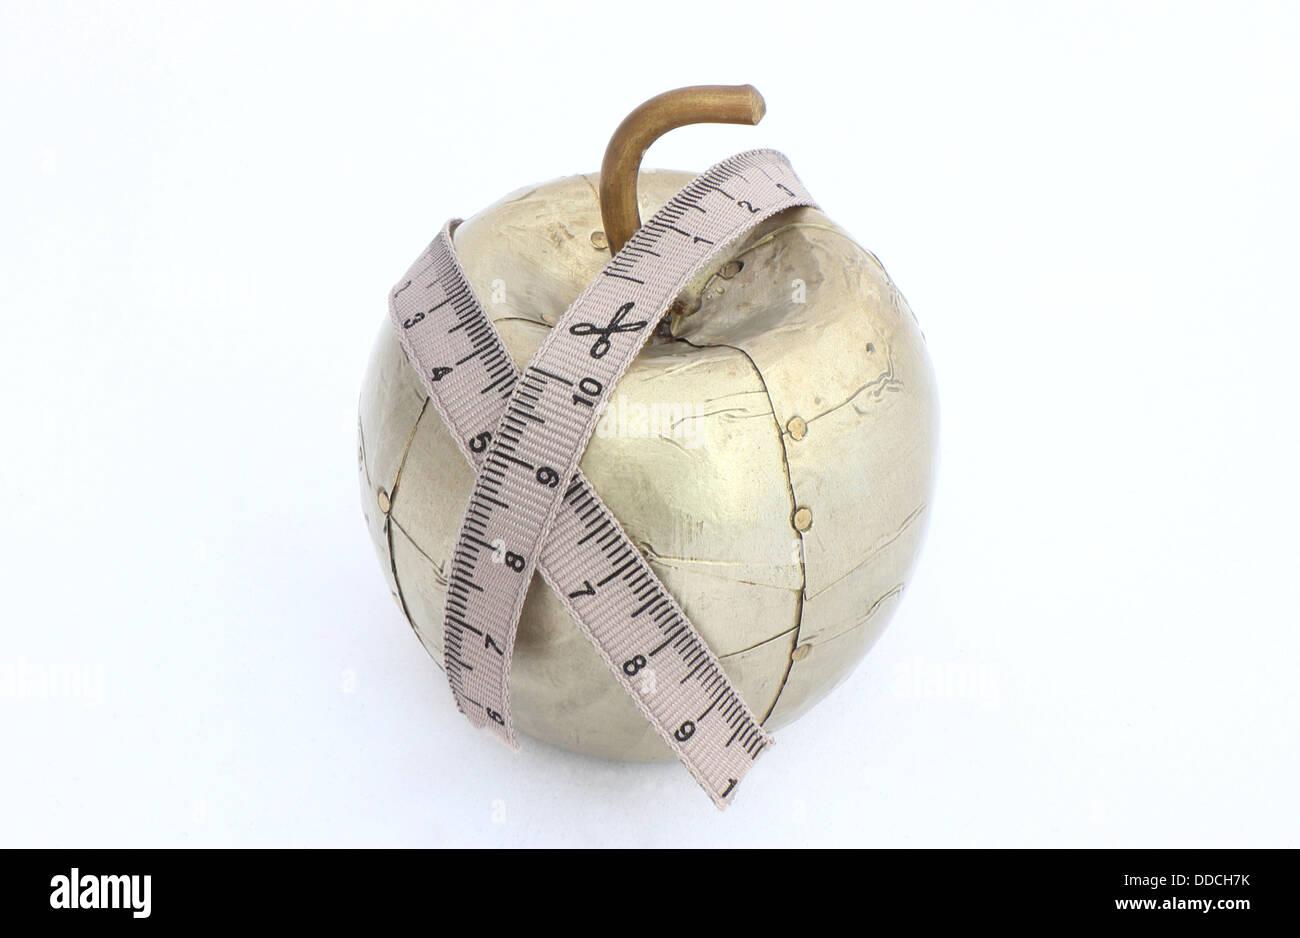 Metallic apple on diet - Stock Image